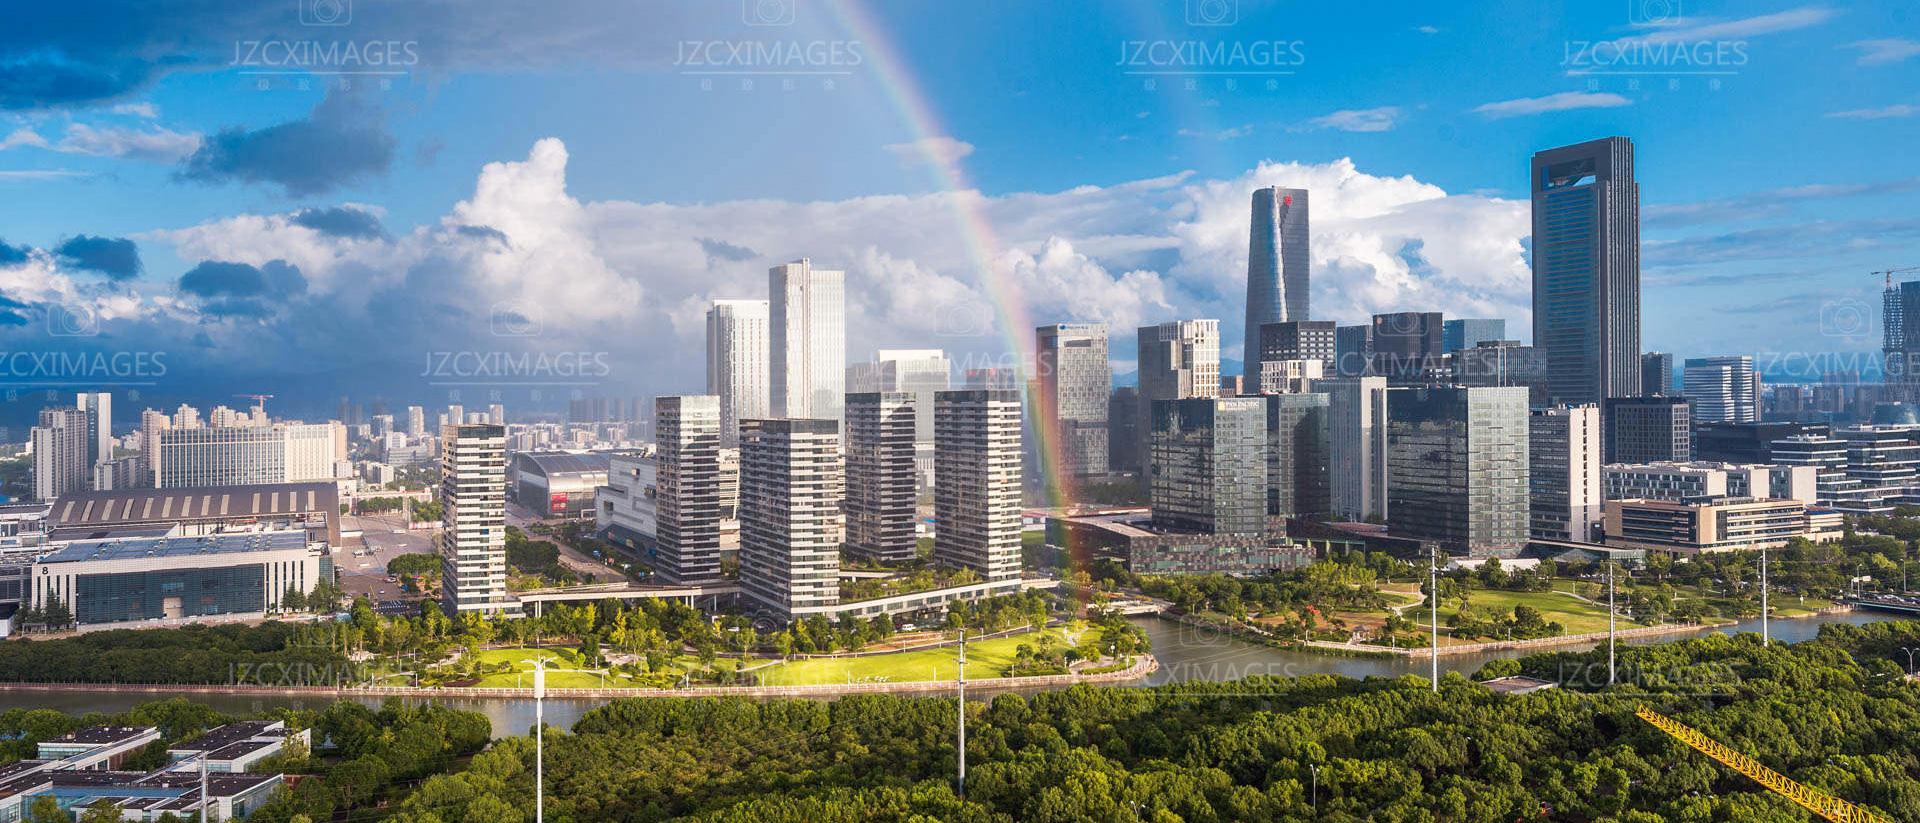 宁波东部新城建筑摄影